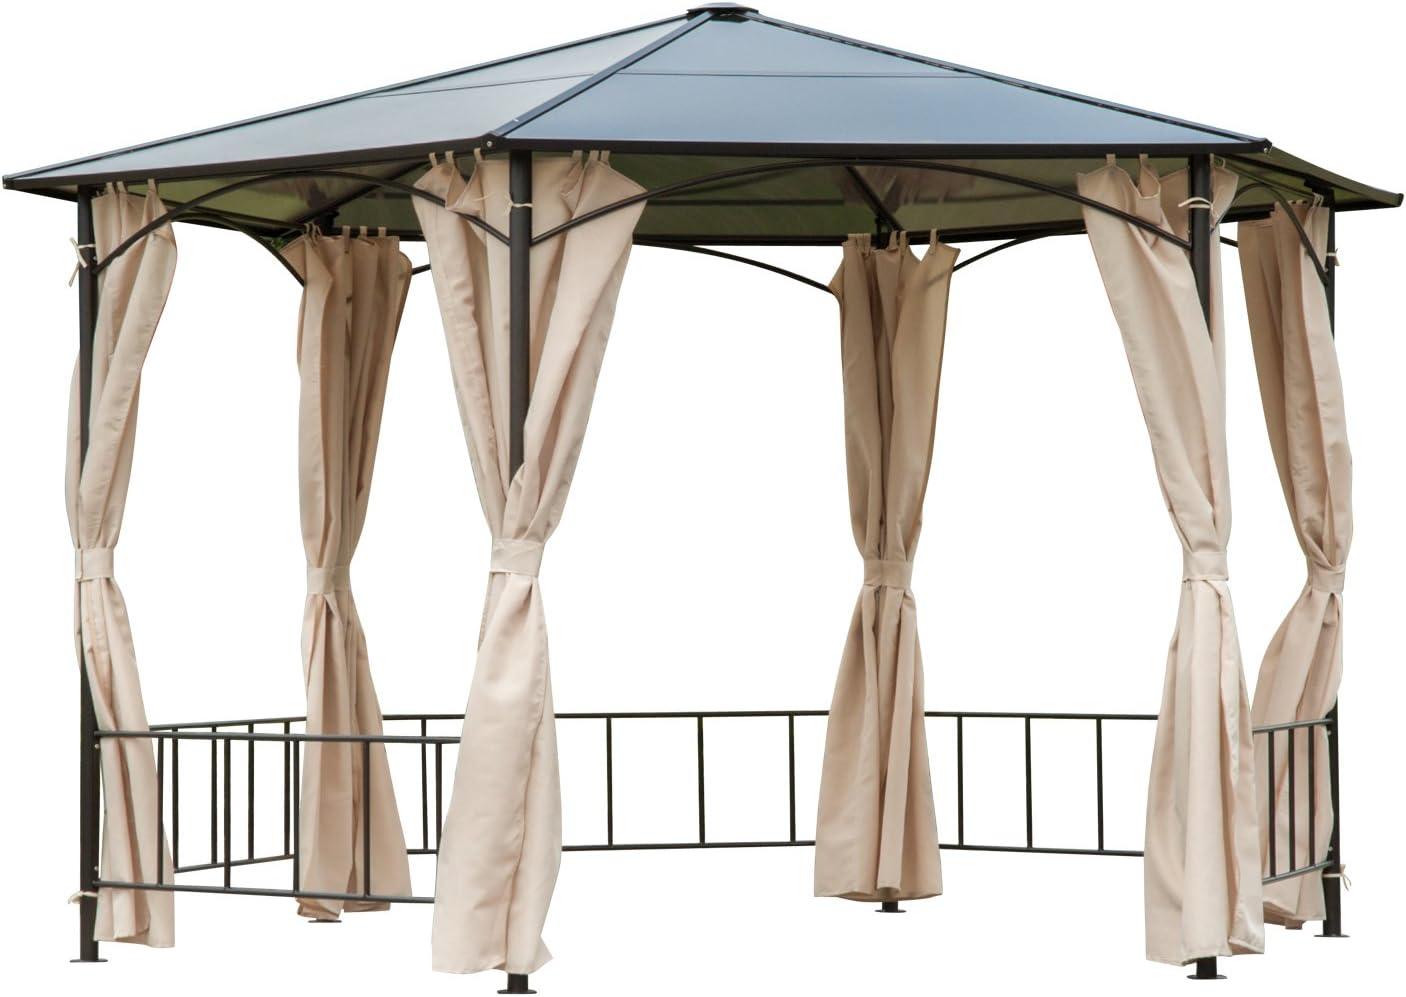 Outsunny - Carpa de Metal para Patio Hexagonal de 2 m con toldo de policarbonato y Cortina de Pared: Amazon.es: Jardín